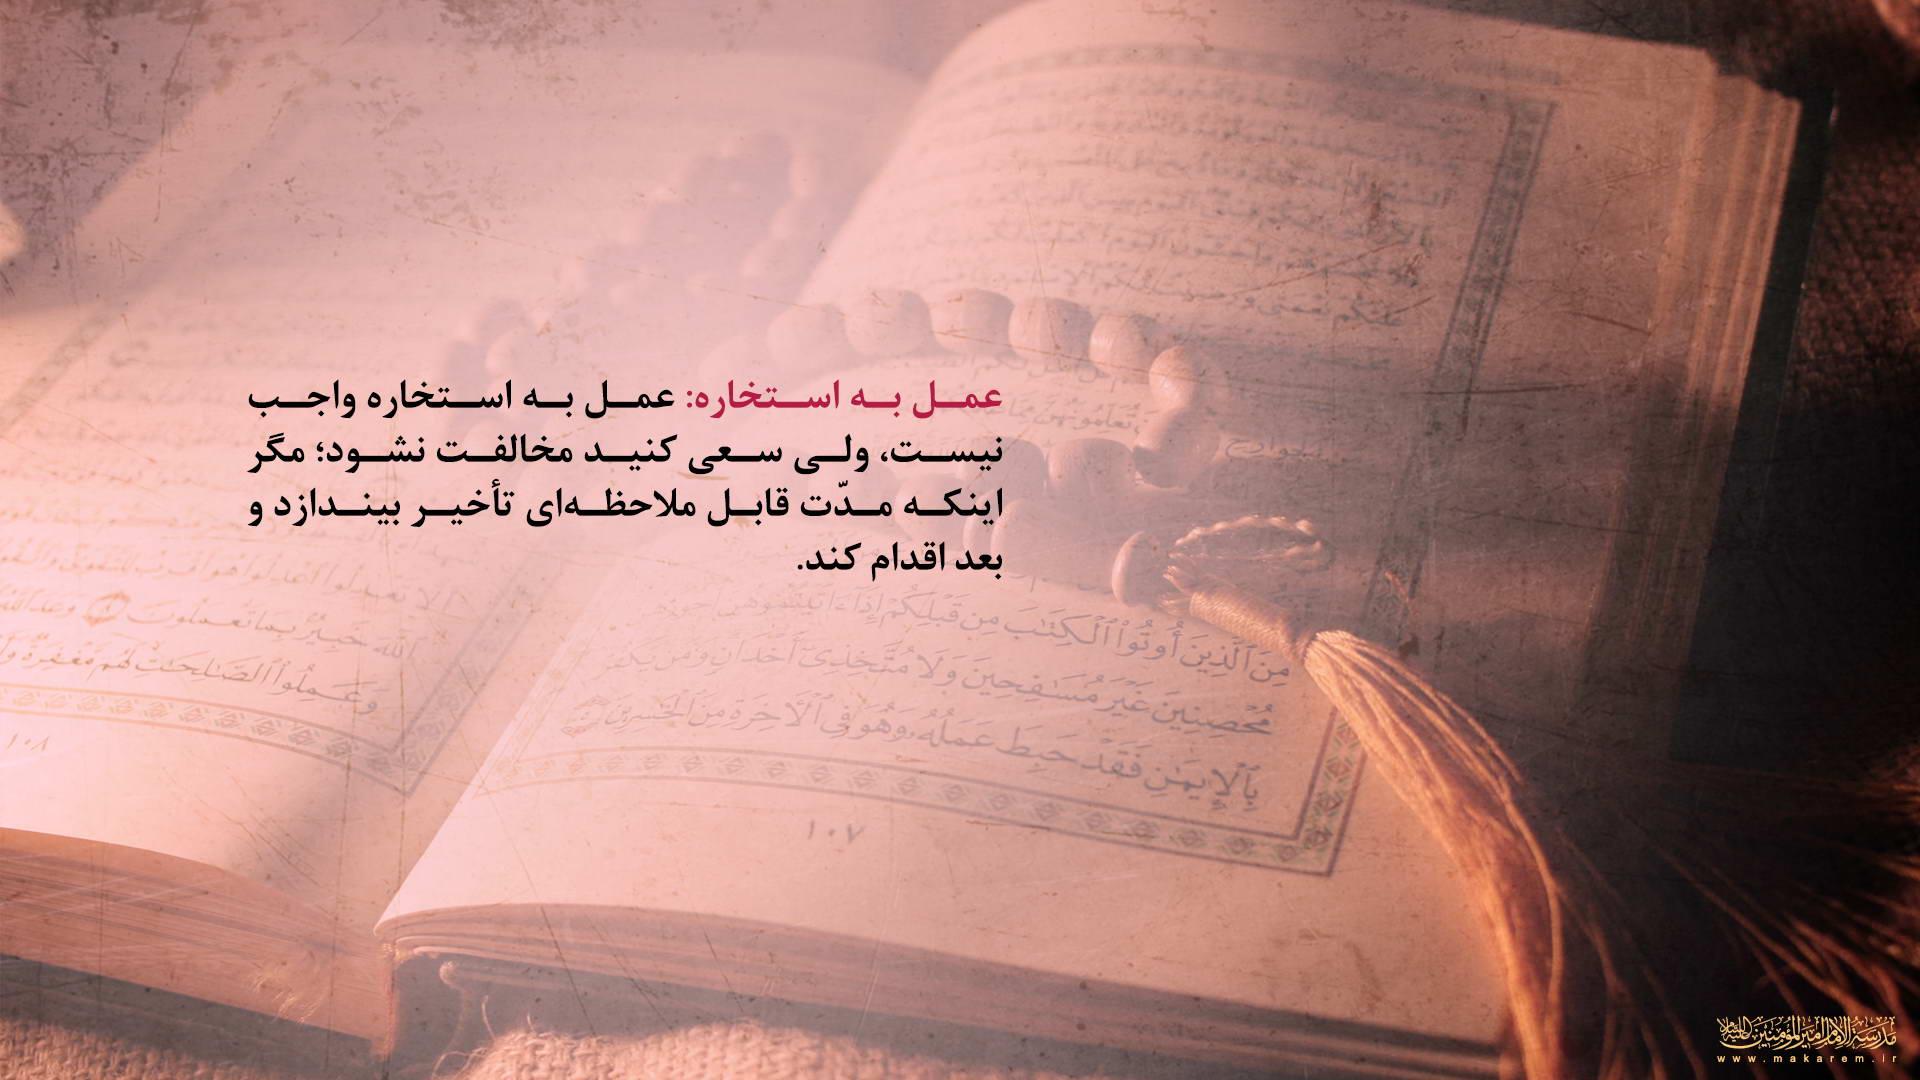 عمل به استخاره-مدرسه الامام امیر المومنین (ع)